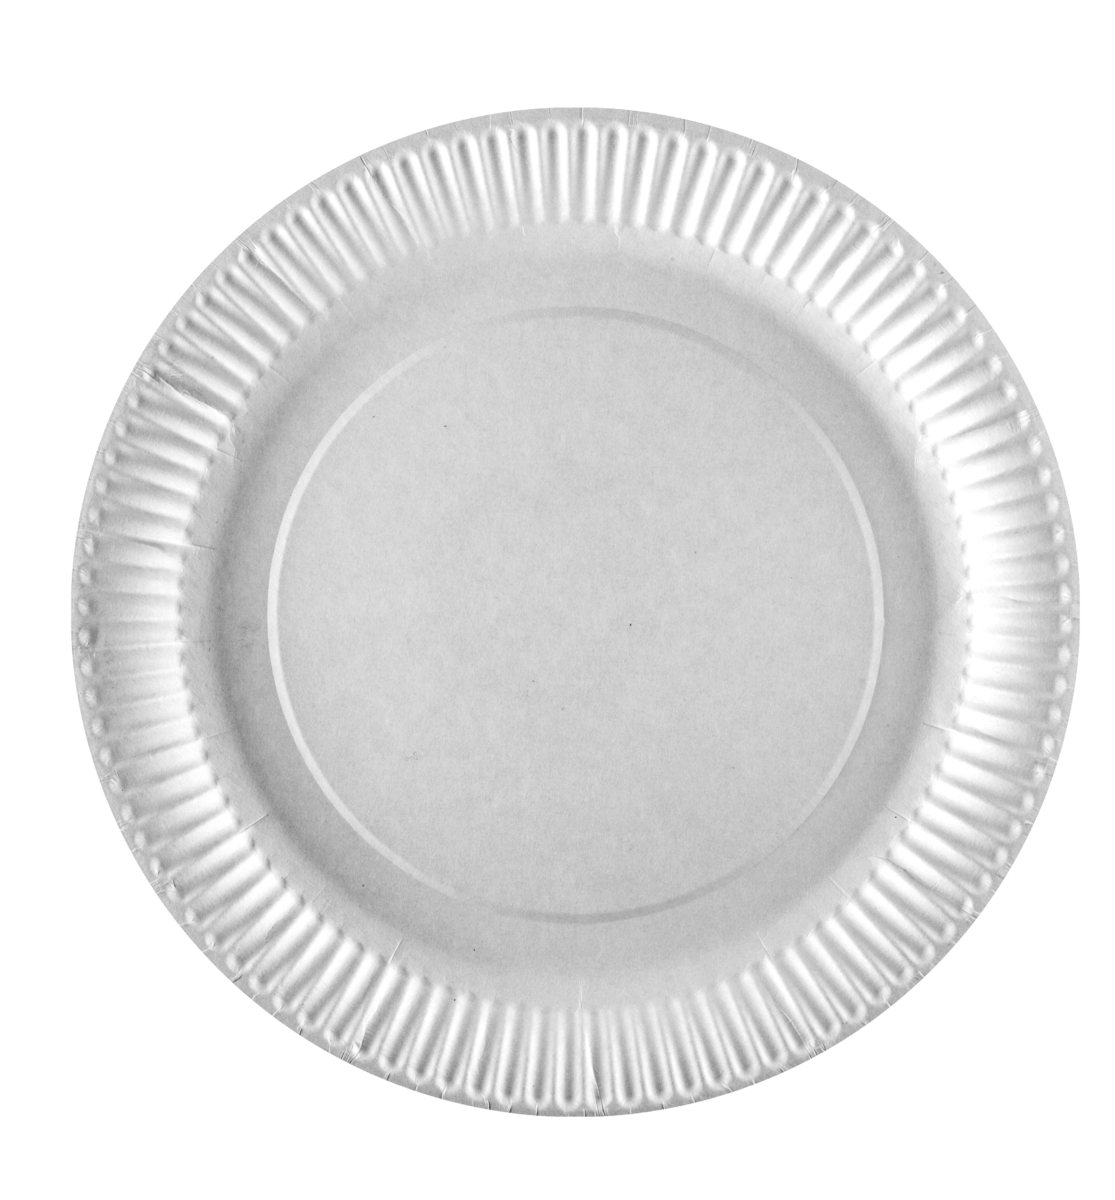 Тарілка паперова PRO serivce кругла біла, 18см- Фото - Biosphere